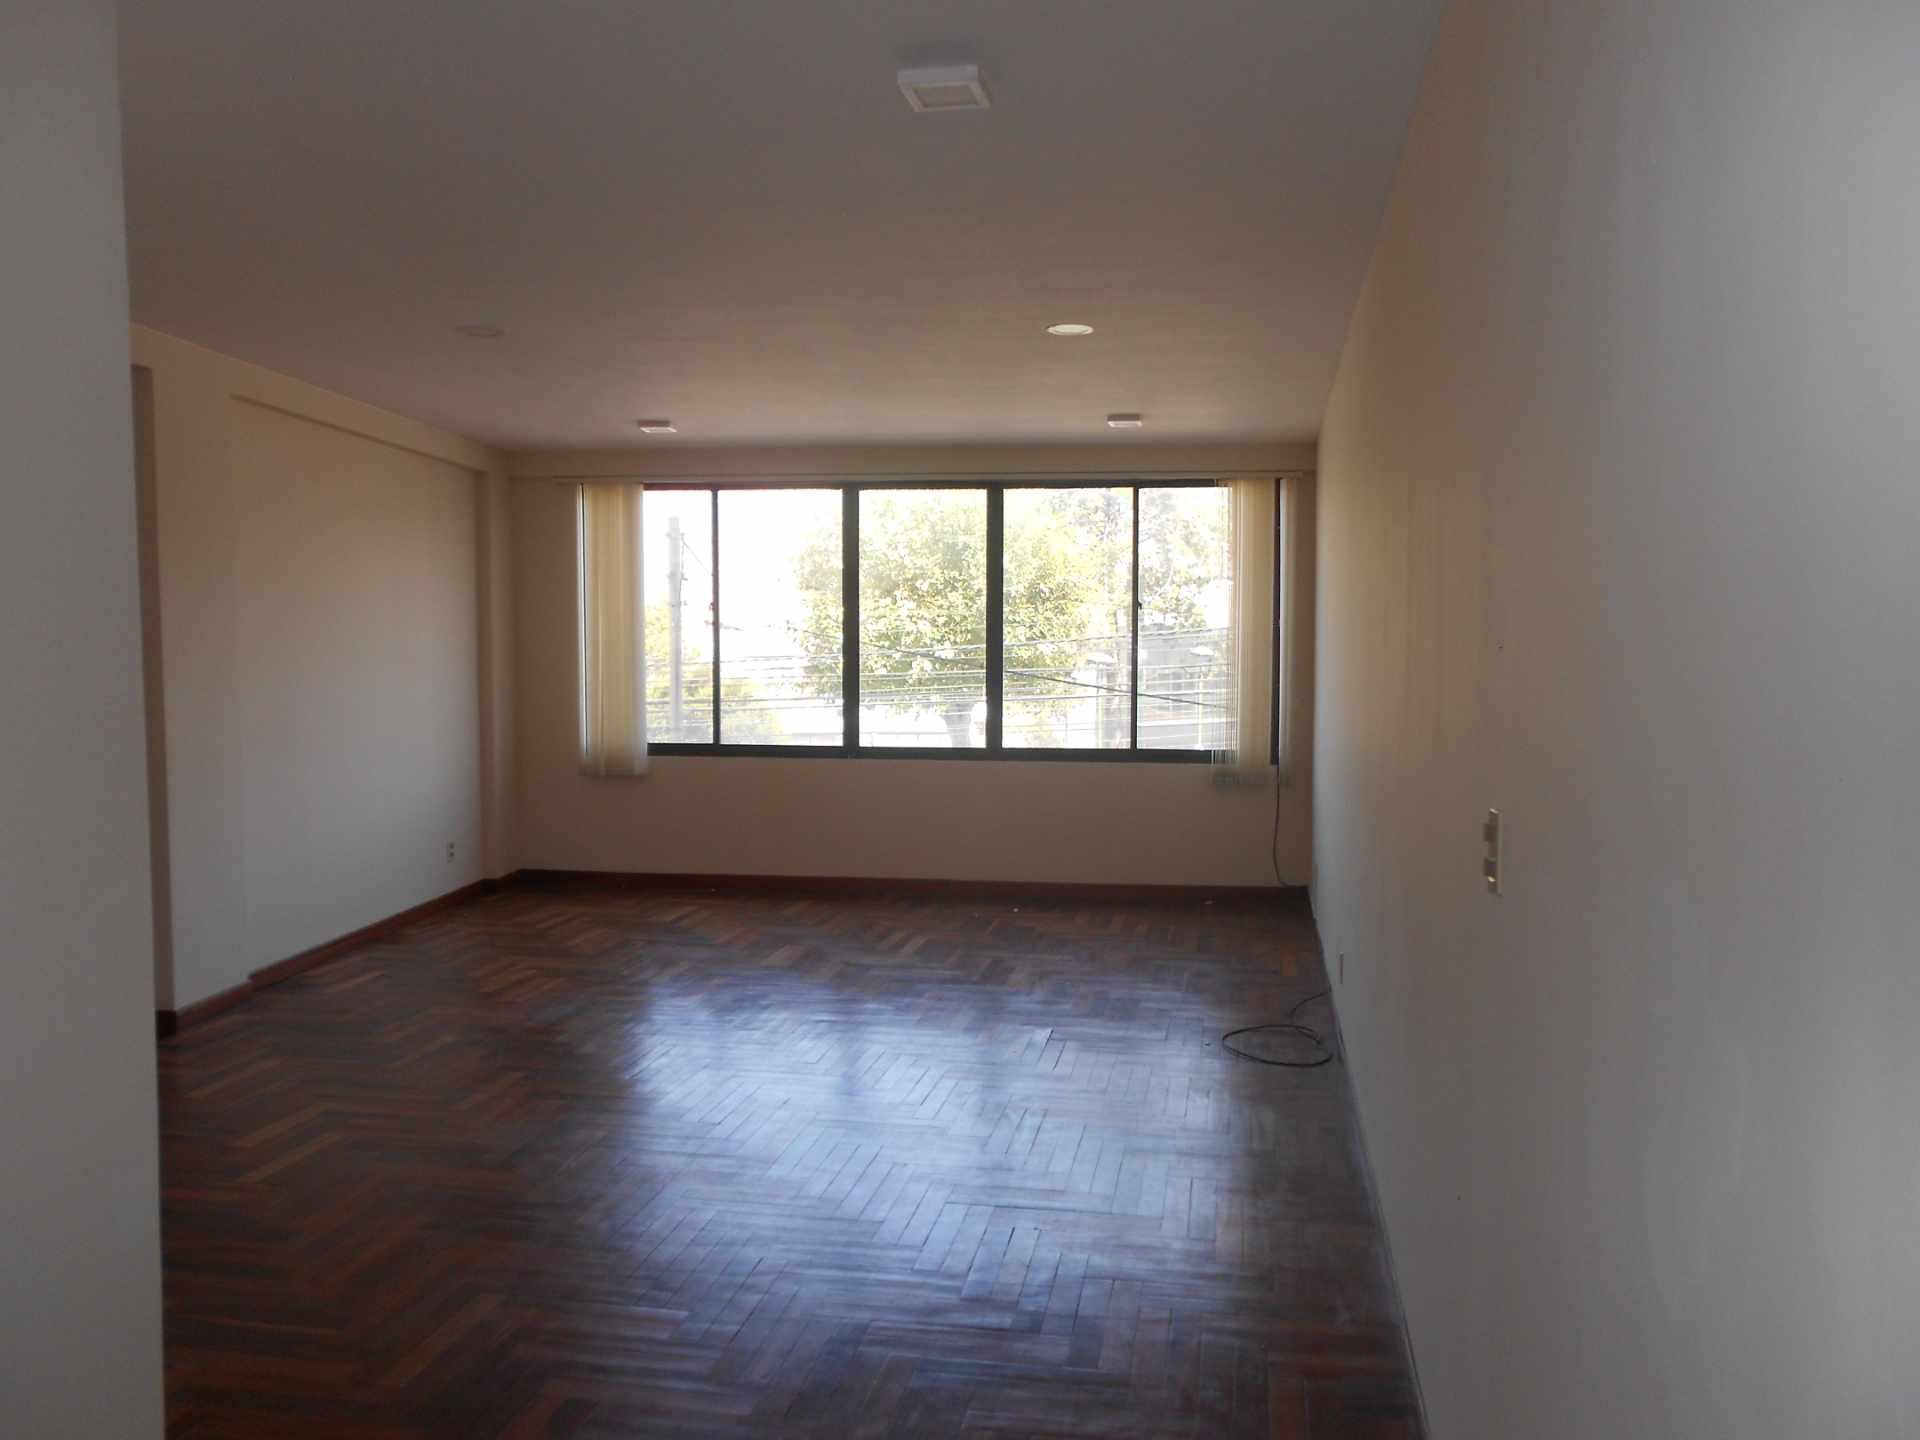 Oficina en Alquiler OFICINA EN ALQUILER EN SAN MIGUEL AV. MONTENEGRO Foto 7